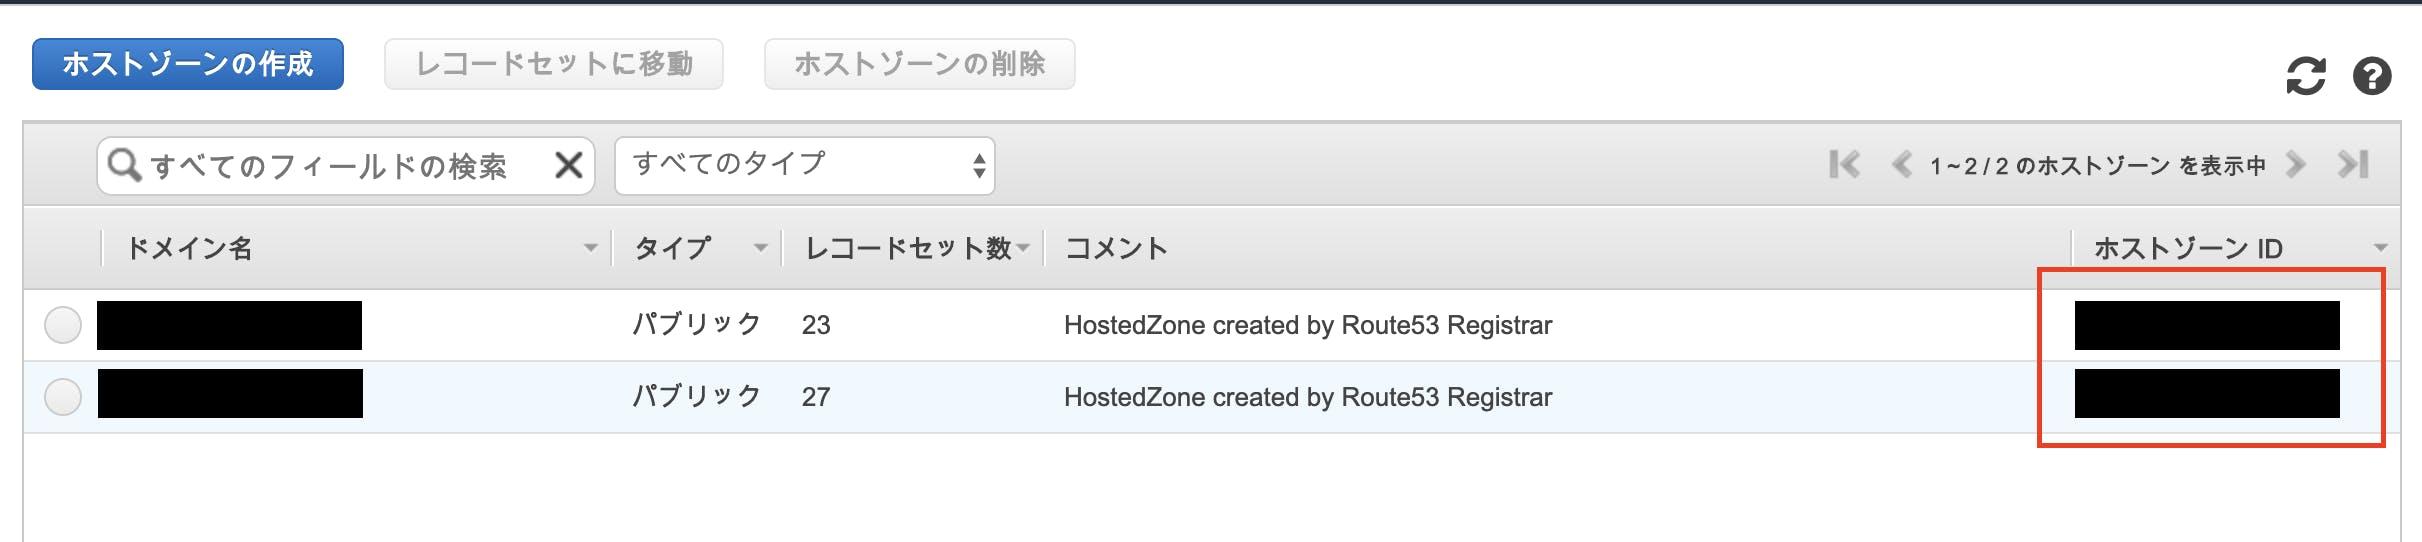 EC2ステータス変化を検出して別アカウントのRoute53に自動でレコード設定